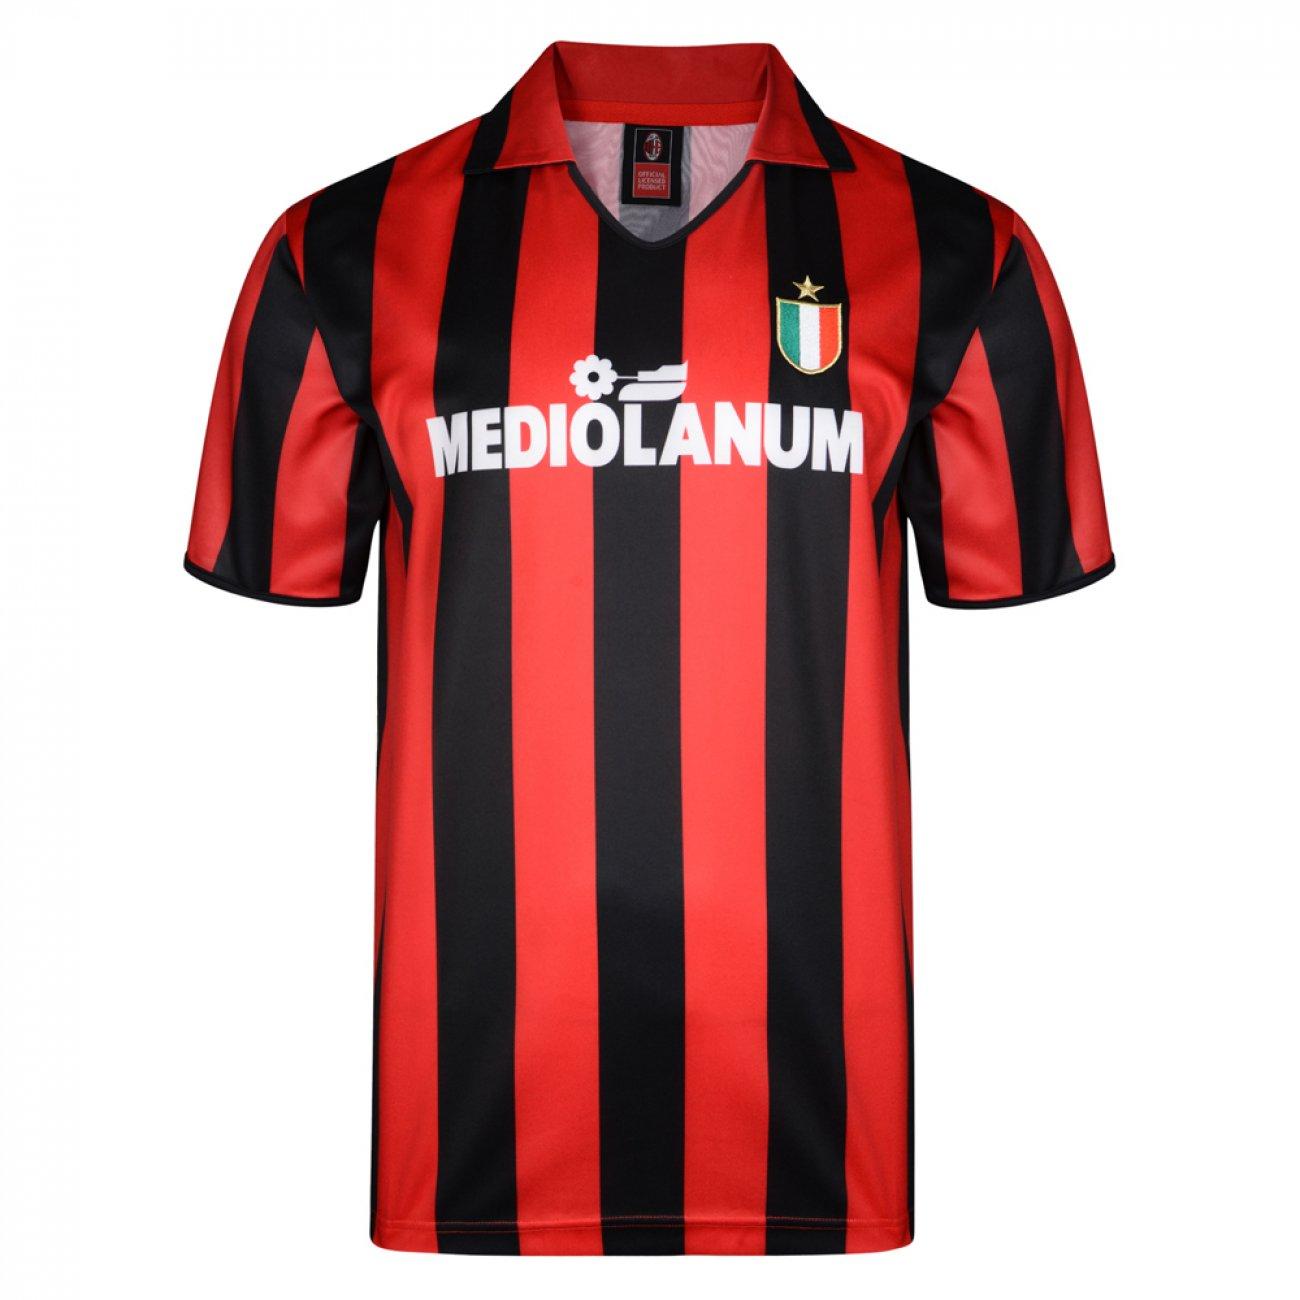 Camiseta AC Milan 1988 1989